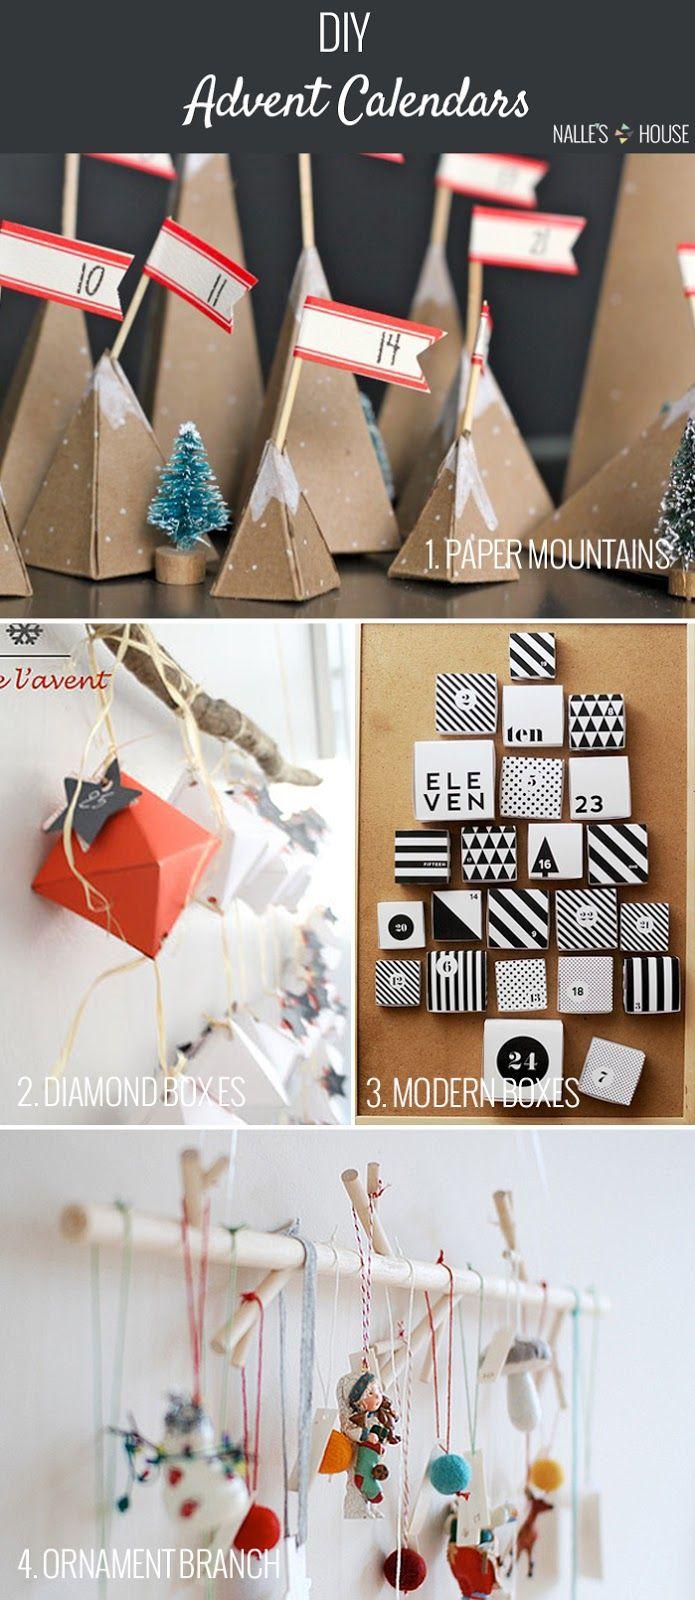 225 besten basteln im advent bilder auf pinterest basteln weihnachten basteln mit kindern und. Black Bedroom Furniture Sets. Home Design Ideas